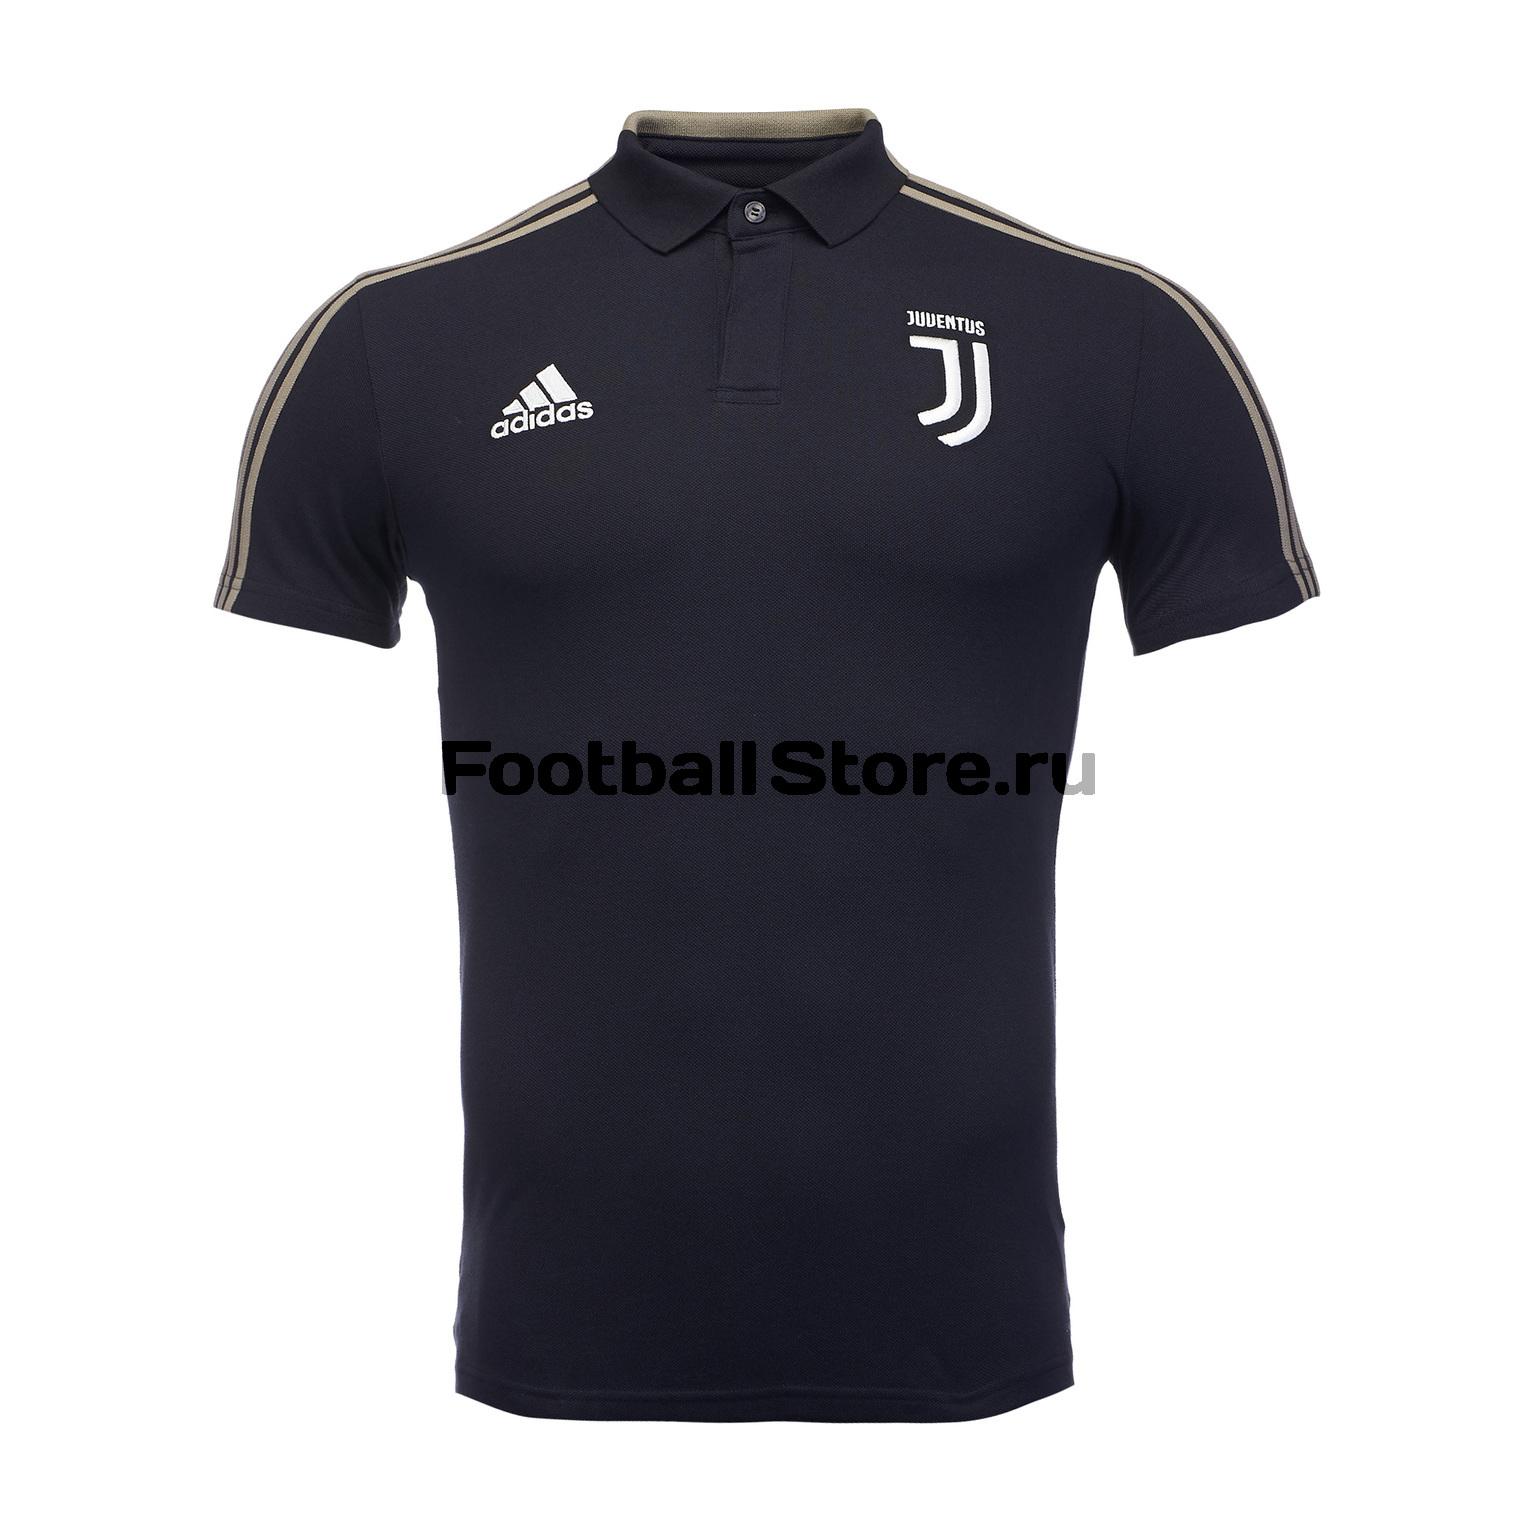 Рубашка-поло Adidas Juventus 2018/19 рубашка поло adidas z48828z48829z48831